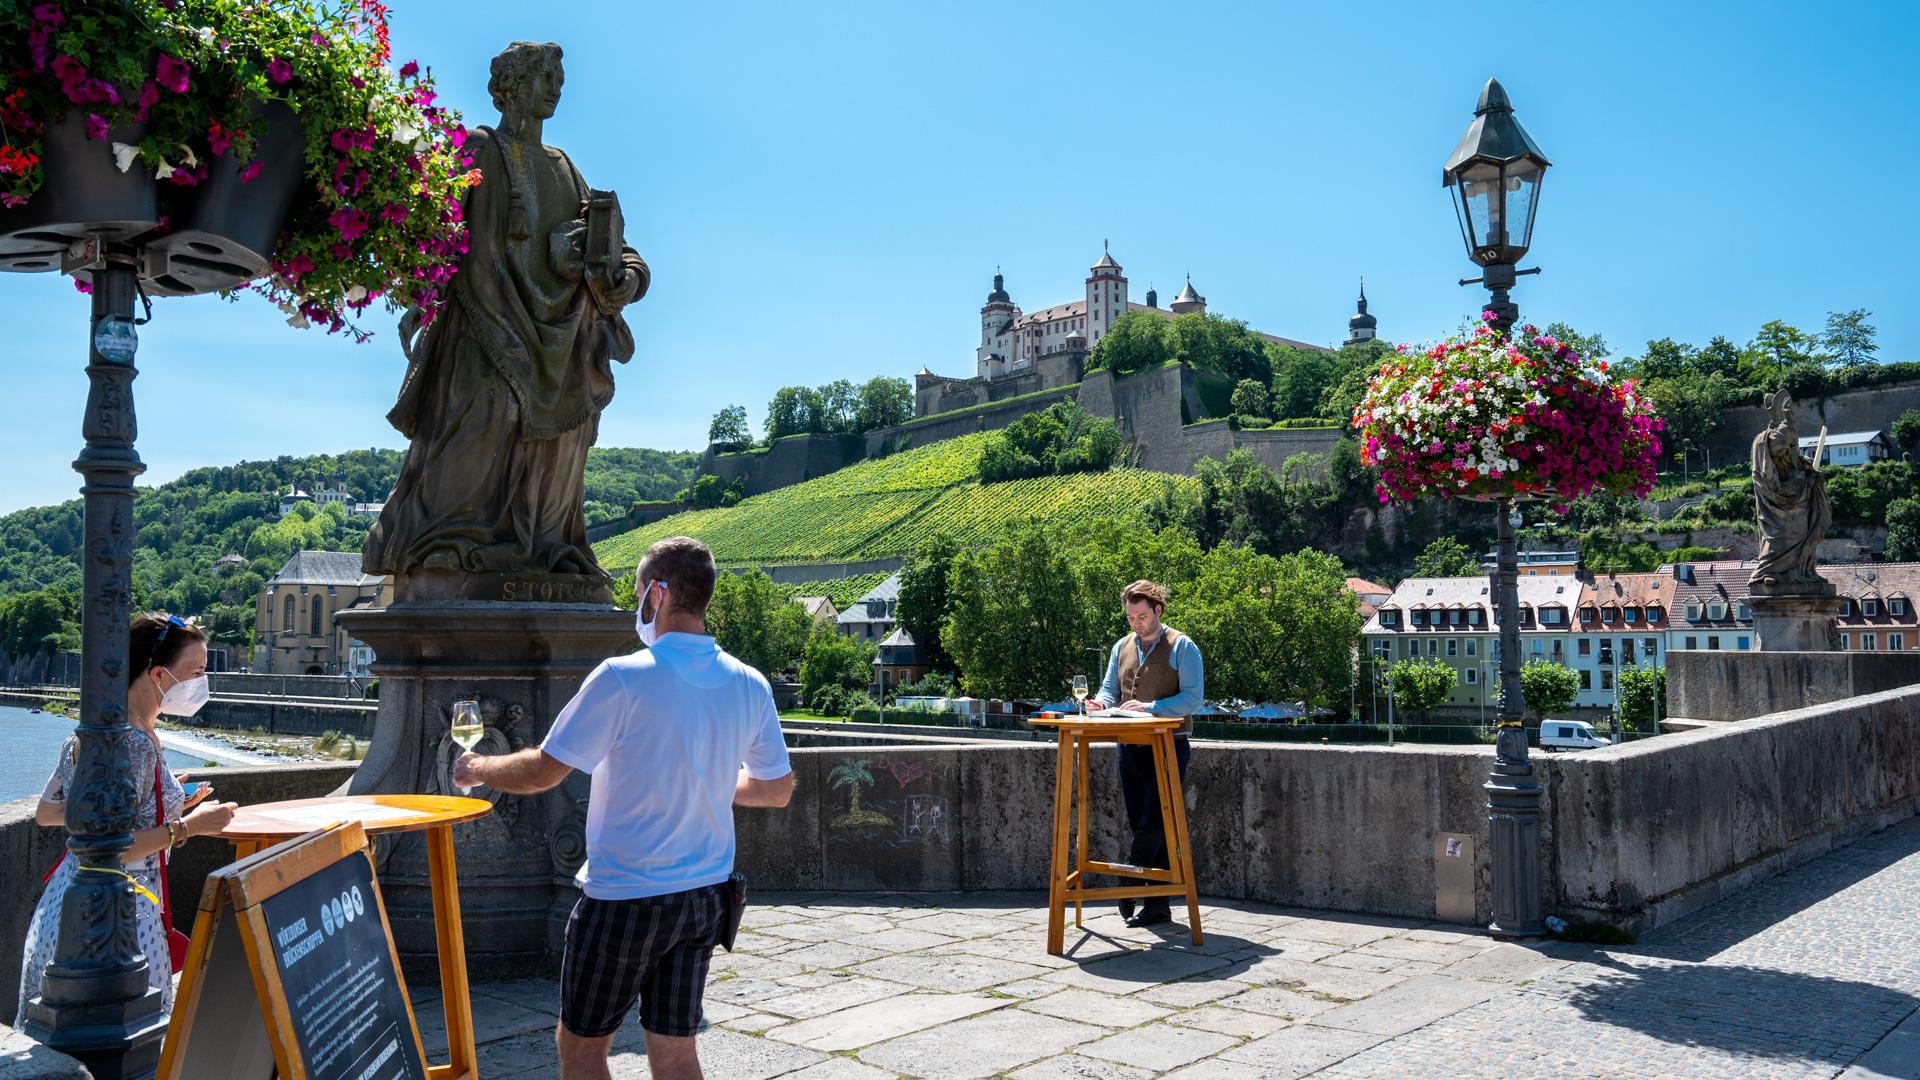 alte Brücke und Festung Marienberg